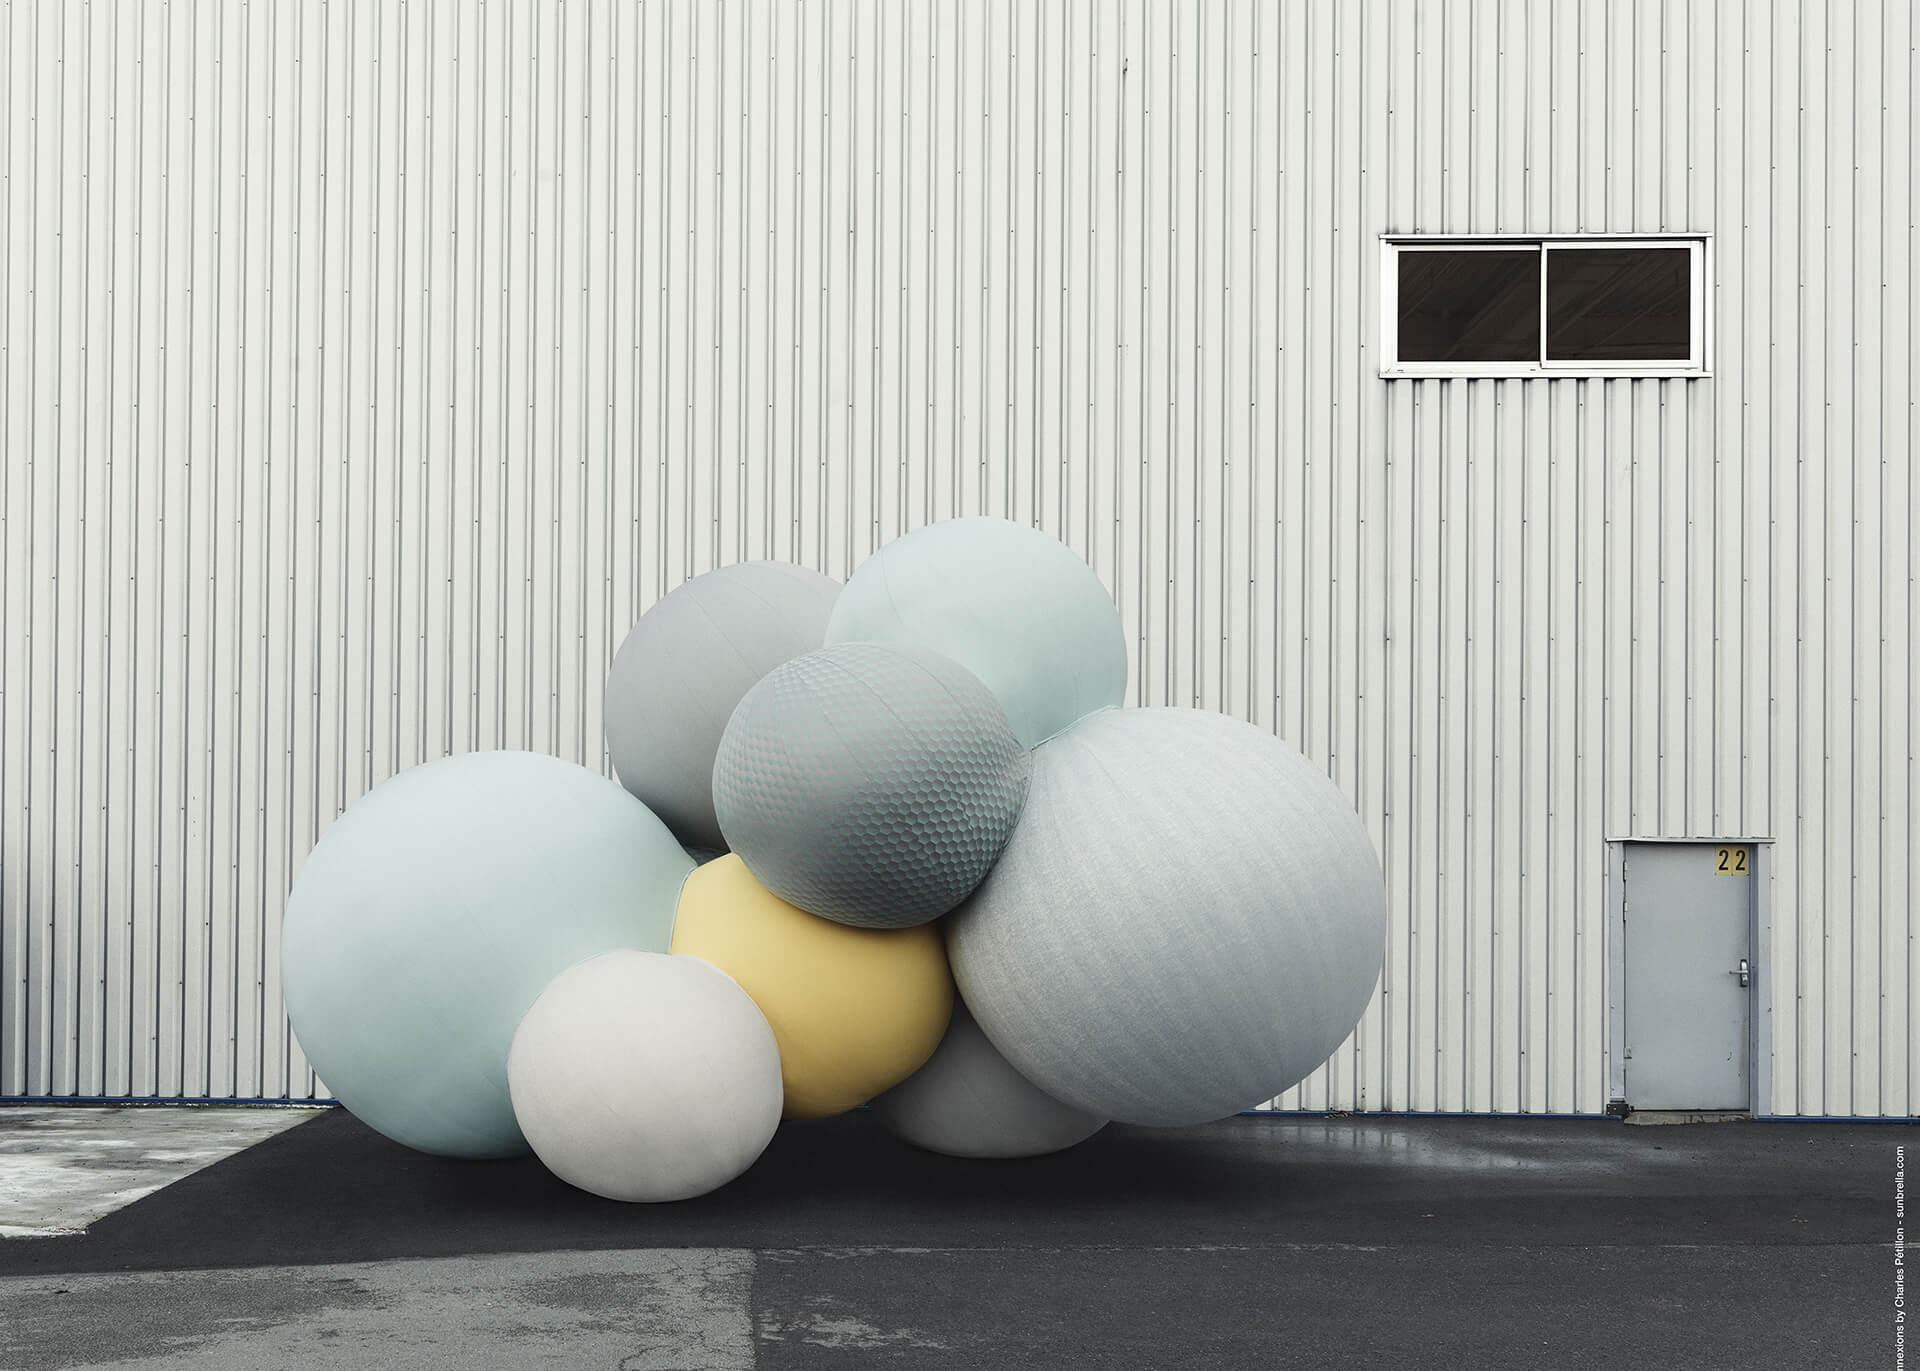 仓库前停落着 Charles Petillon 创造的 Sunbrella Connexions 气球。